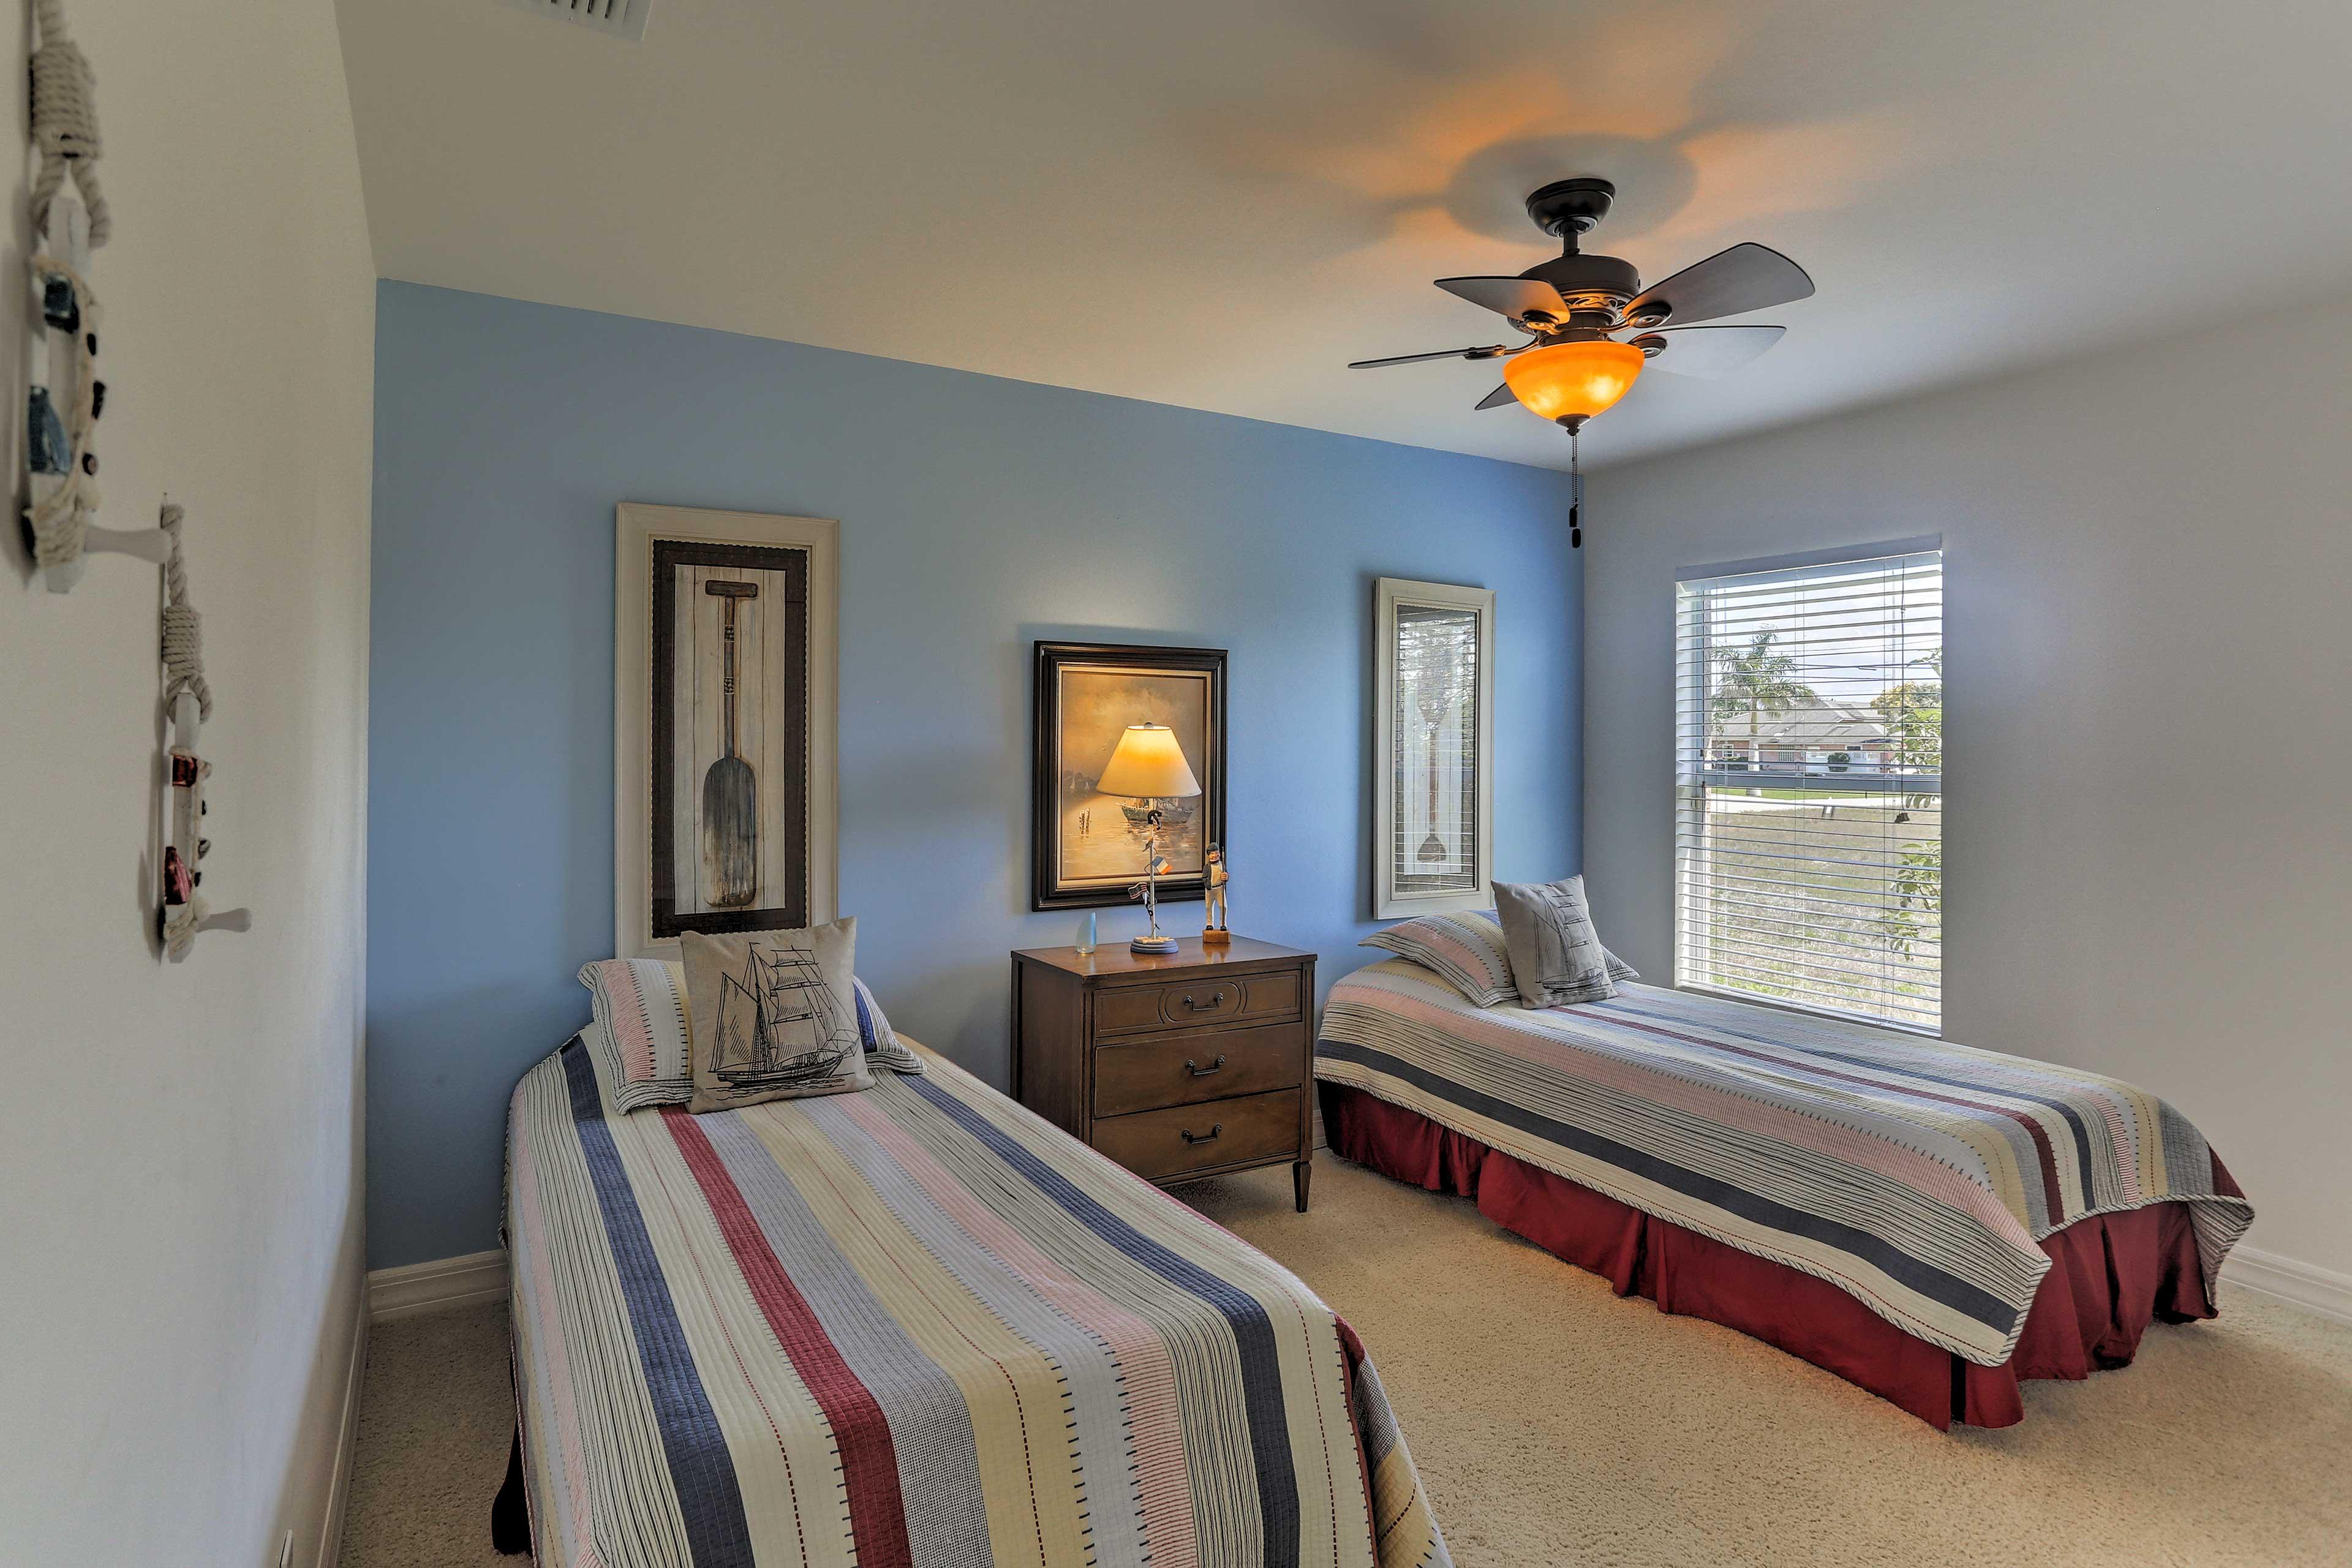 Bedroom 3 | 2 Twin Beds